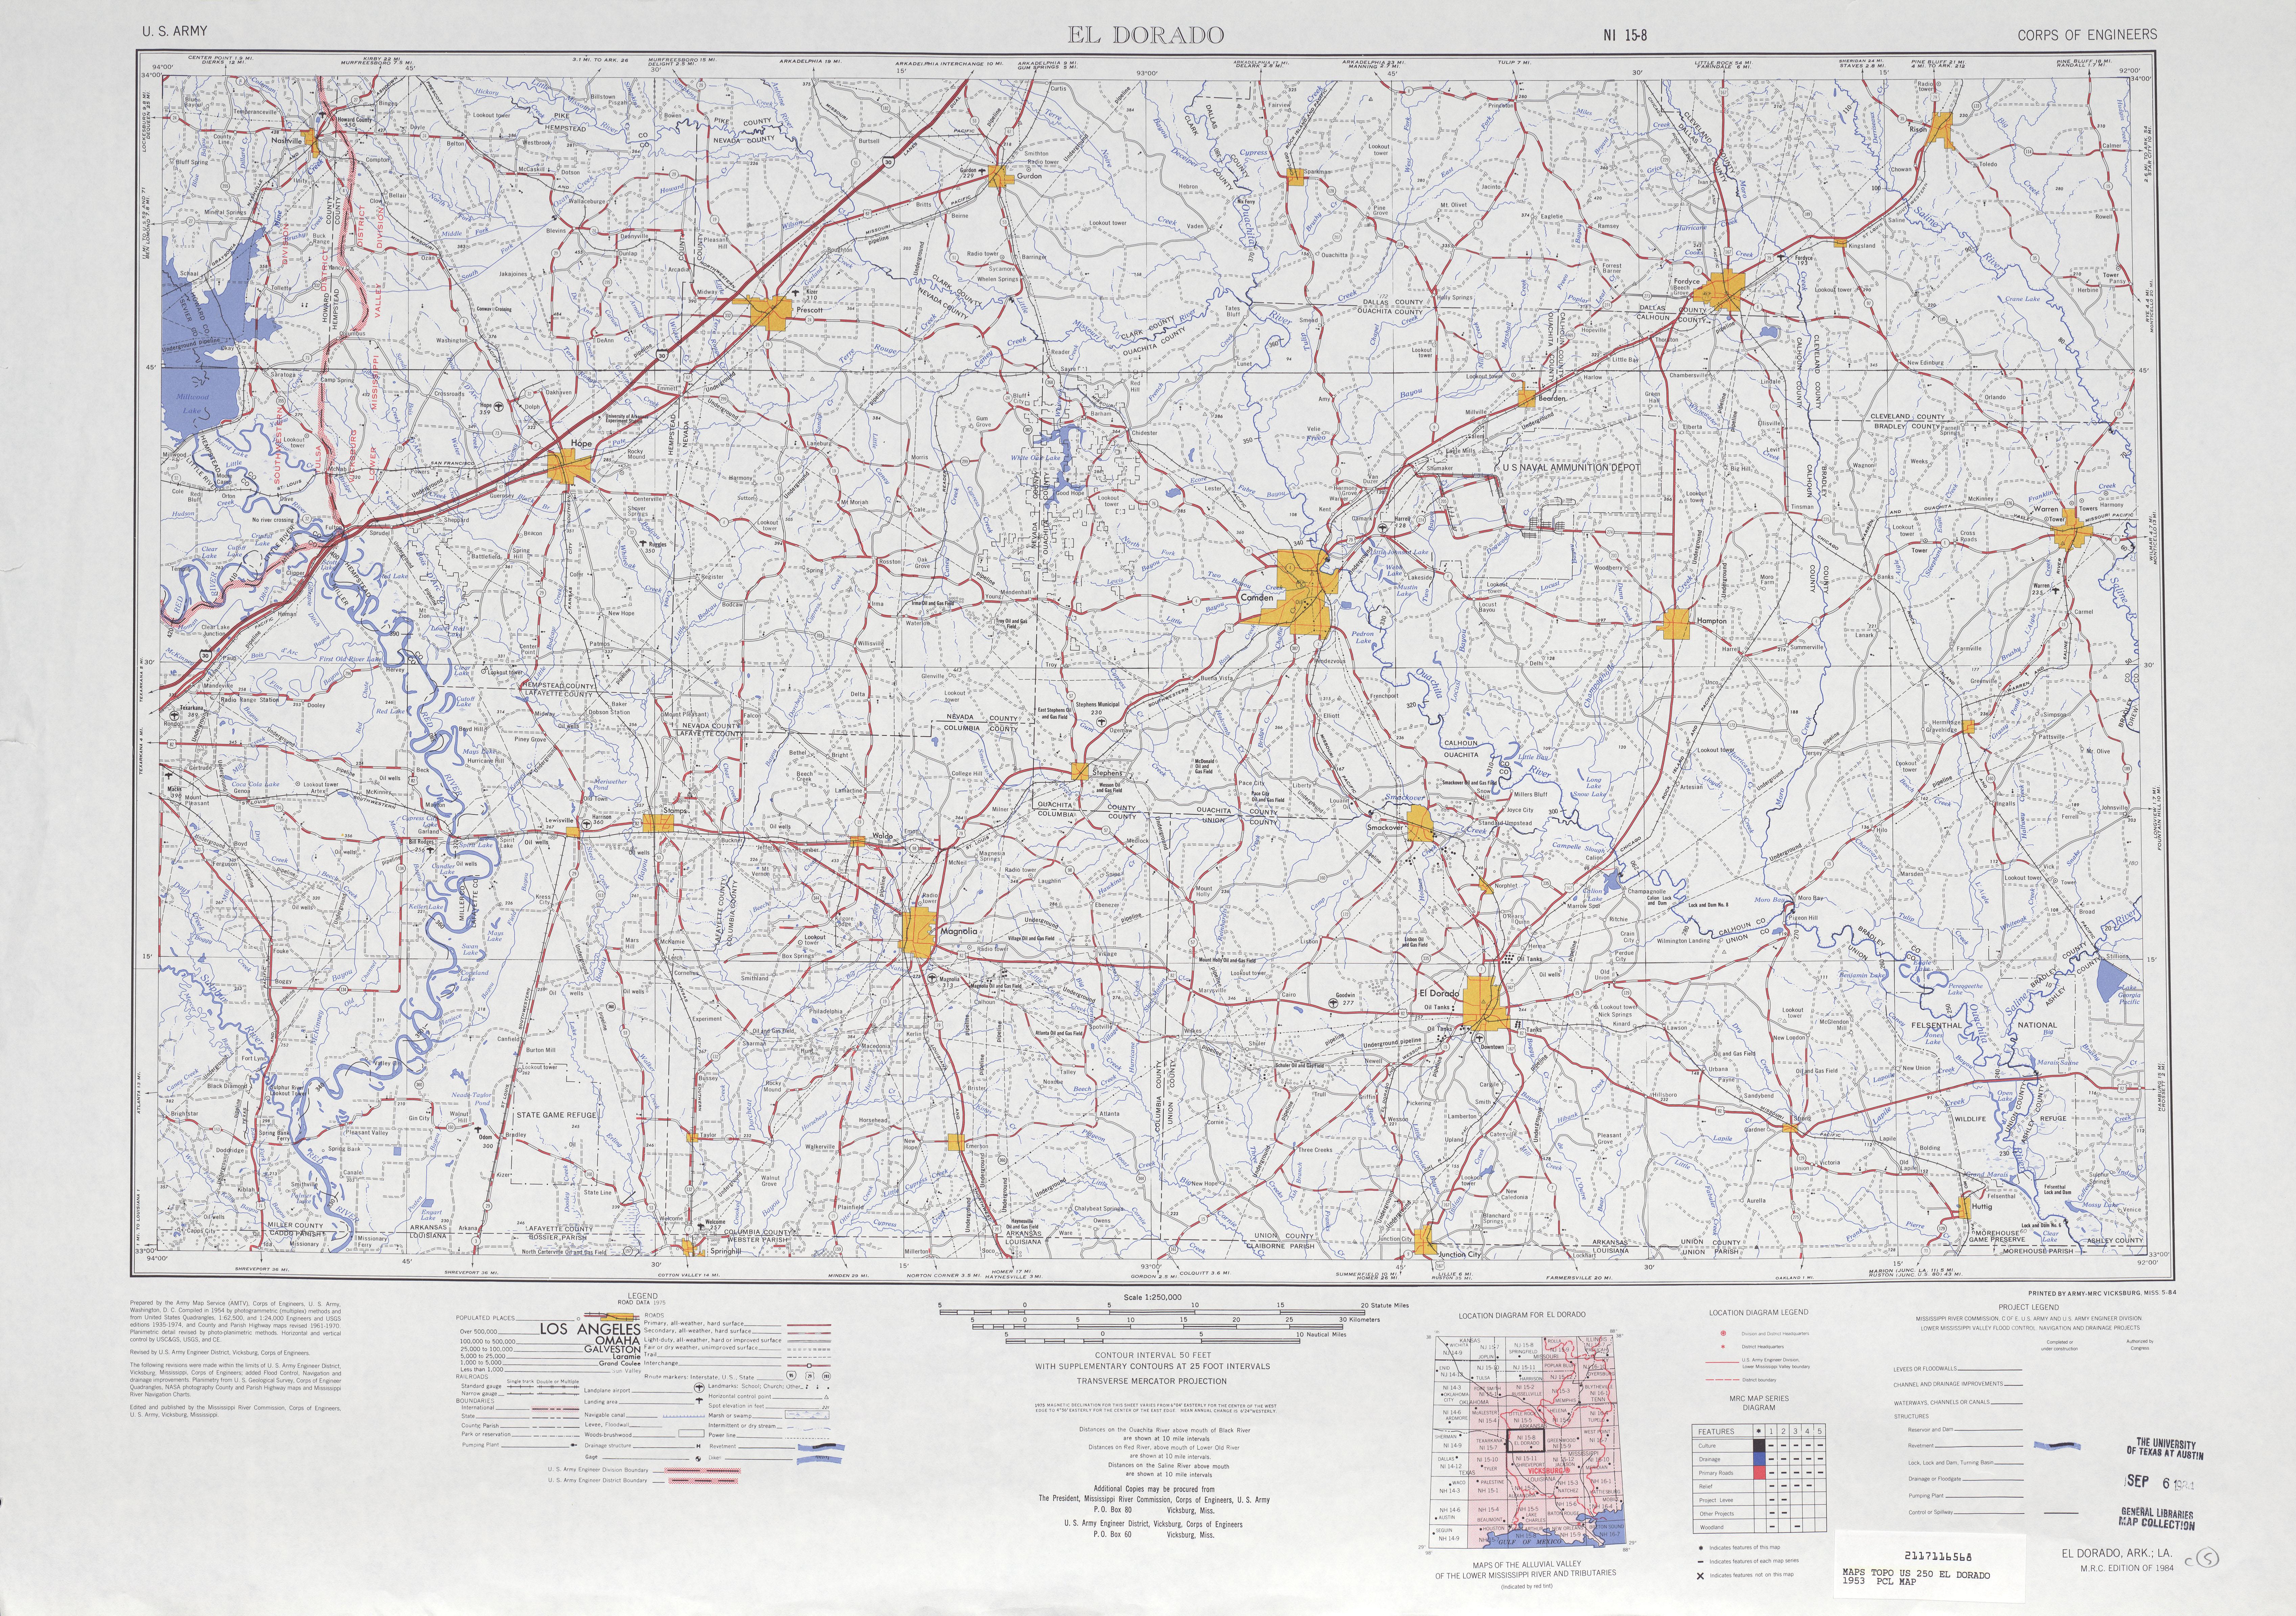 Hoja El Dorado del Mapa Topográfico de los Estados Unidos 1953